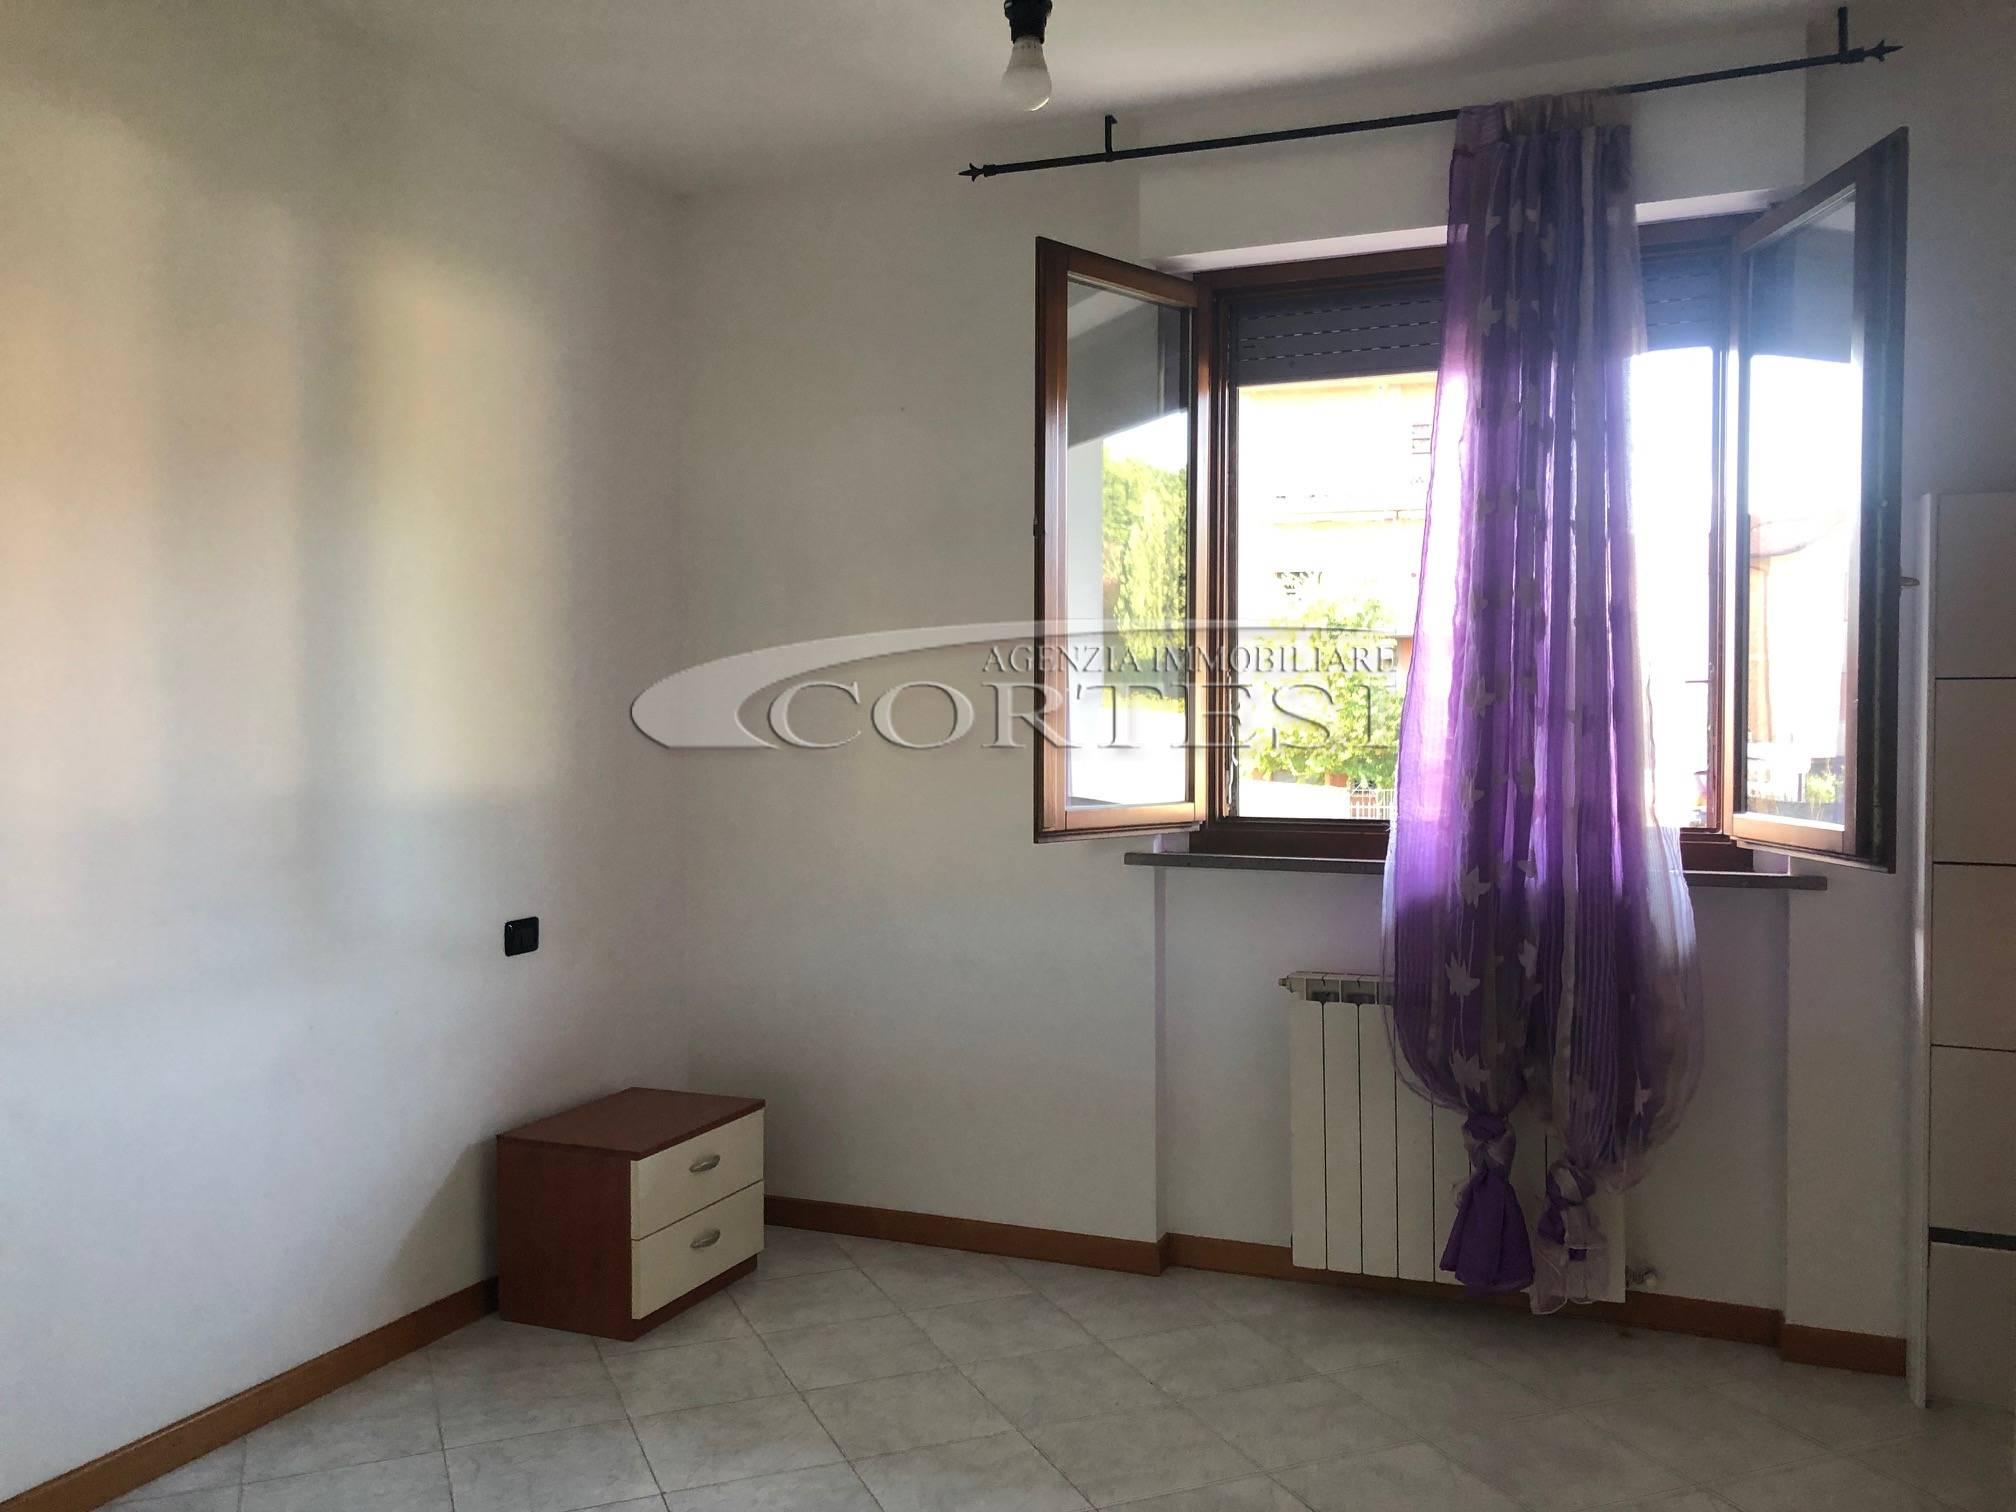 Installazione di tettoie in condominio - avvocatogratis.it